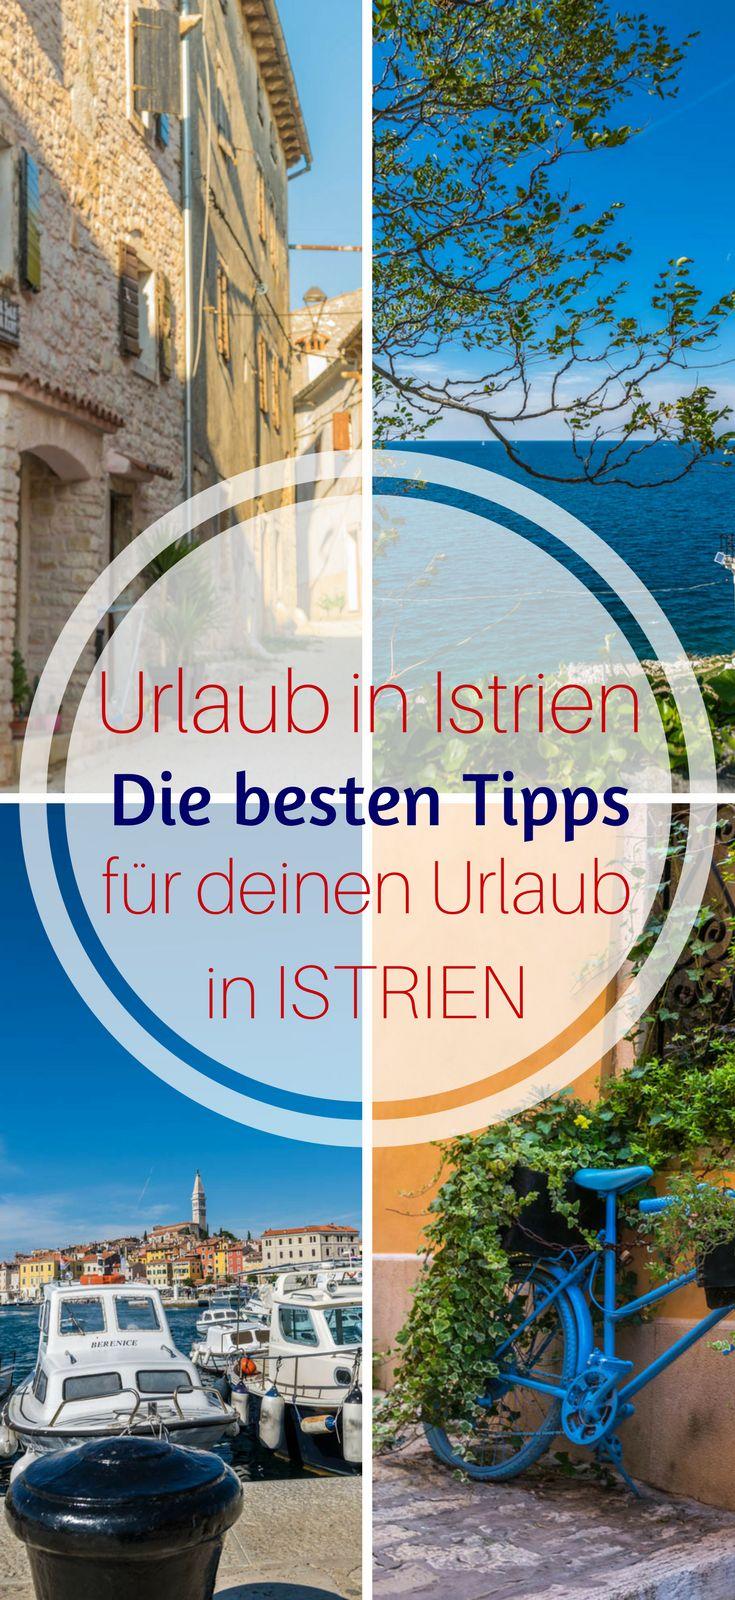 Urlaub in Istrien Das kannst du in 7 Tagen erleben